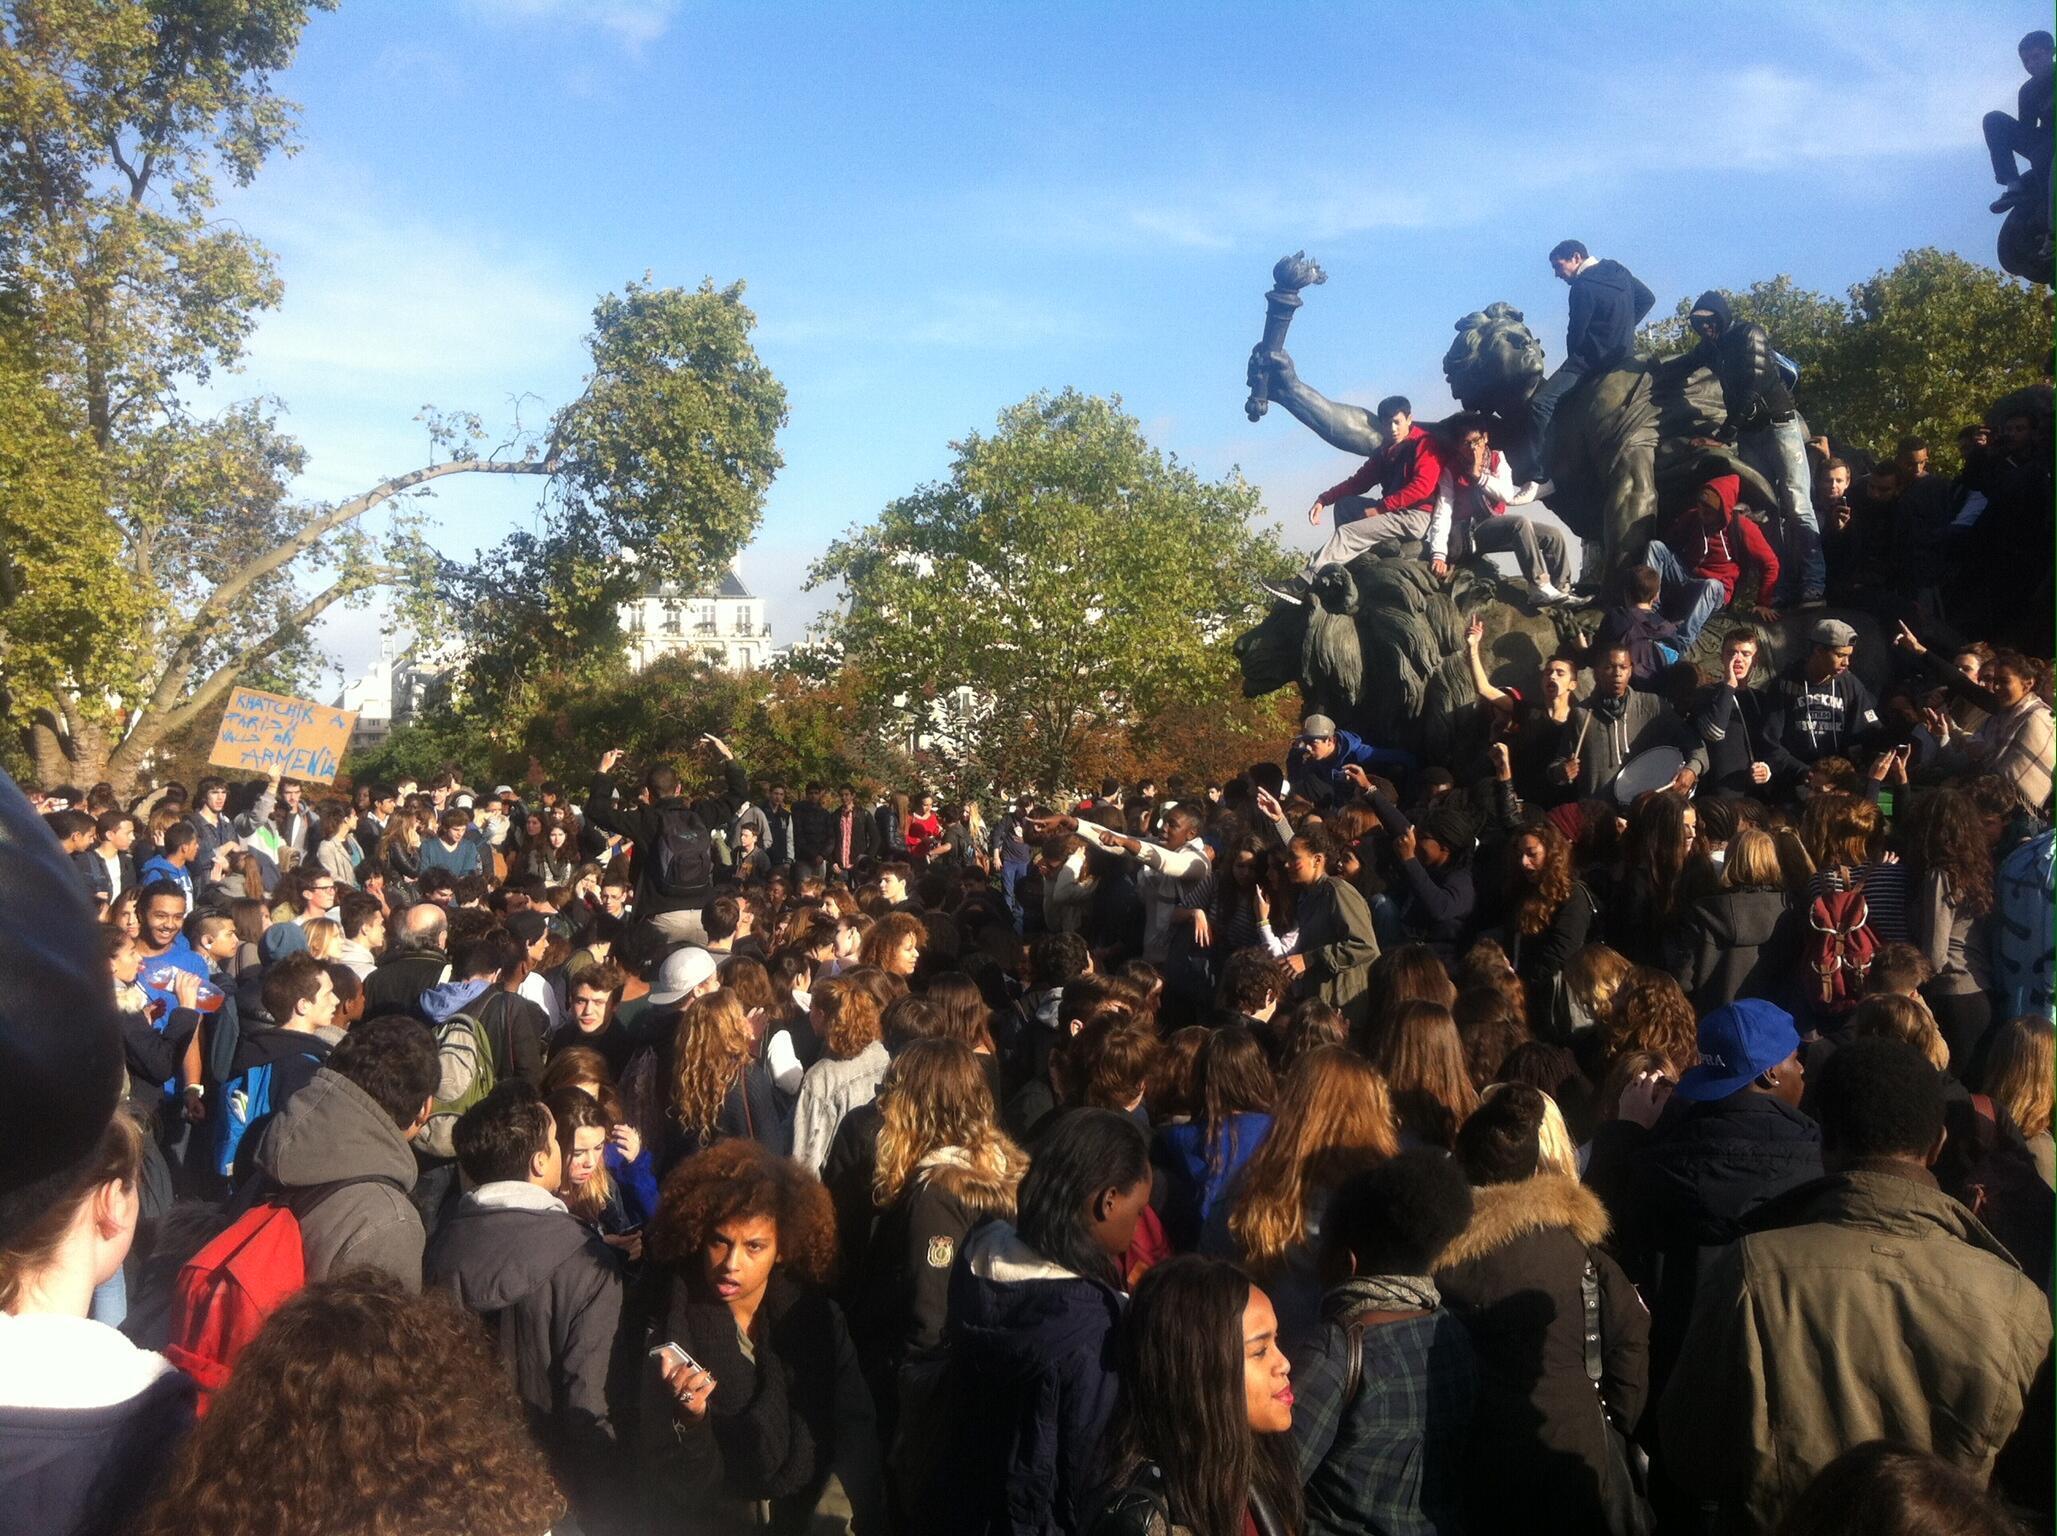 Estudantes secundaristas franceses durante protesto em Paris na quinta-feira, 17 de outubro.